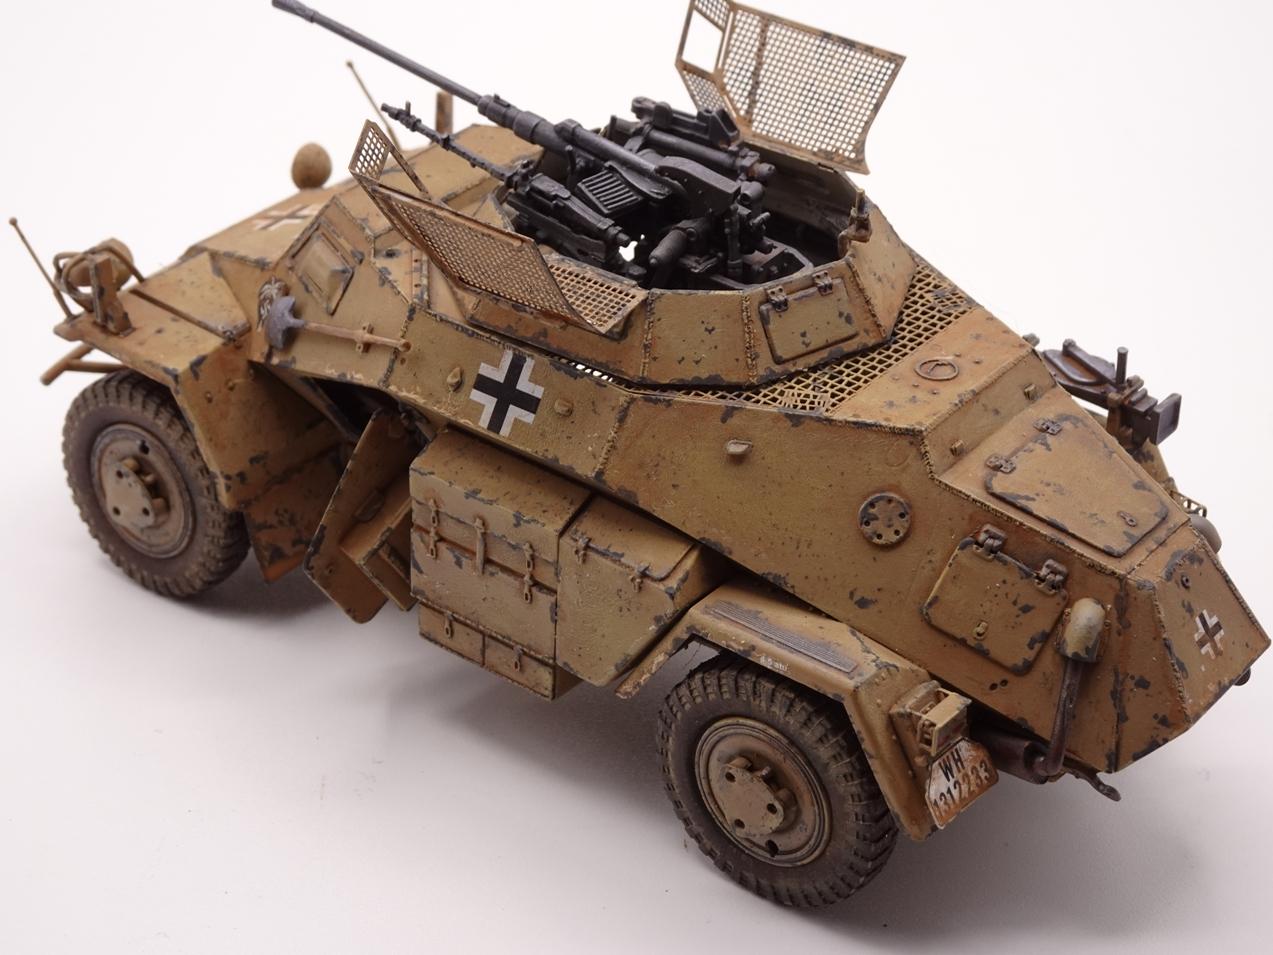 [Hobby Boss 1/35°] Sd.Kfz. 222 Leichter Panzerspähwagen - Page 3 222-fin-4